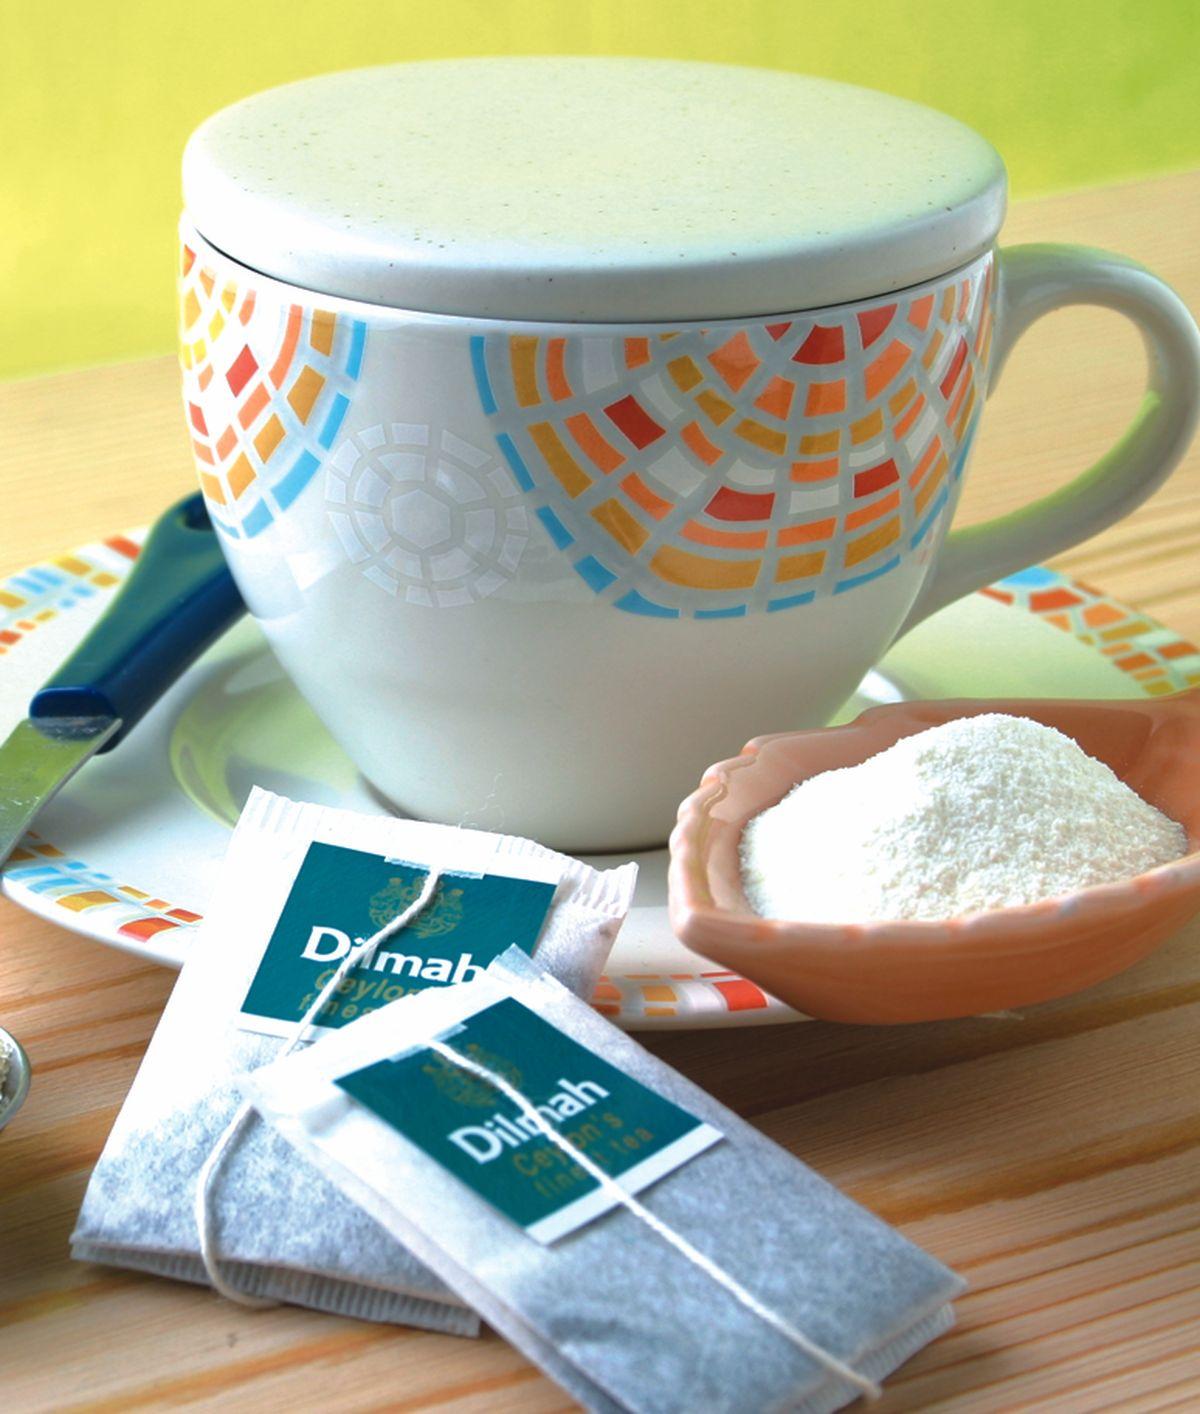 食譜:熱奶茶-茶包泡法